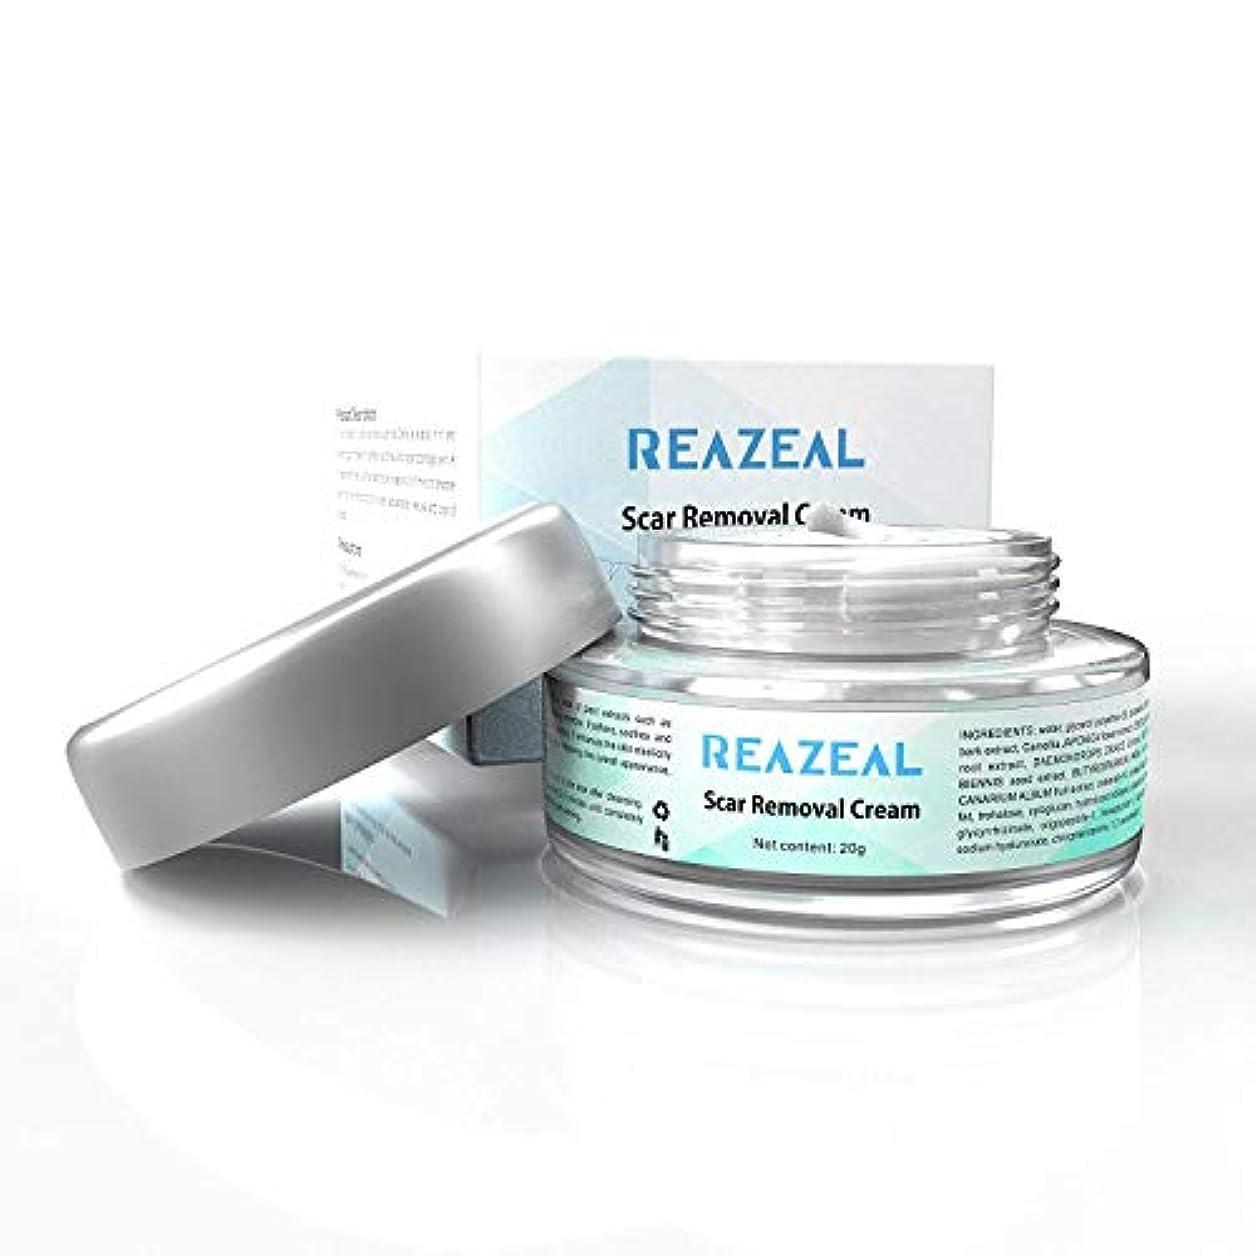 偏心ただ一Scar Cream Acne Scar Removal Cream for Old & New Scars on Face & Body Scar Treatment for Cuts Natural Herbal Extracts...